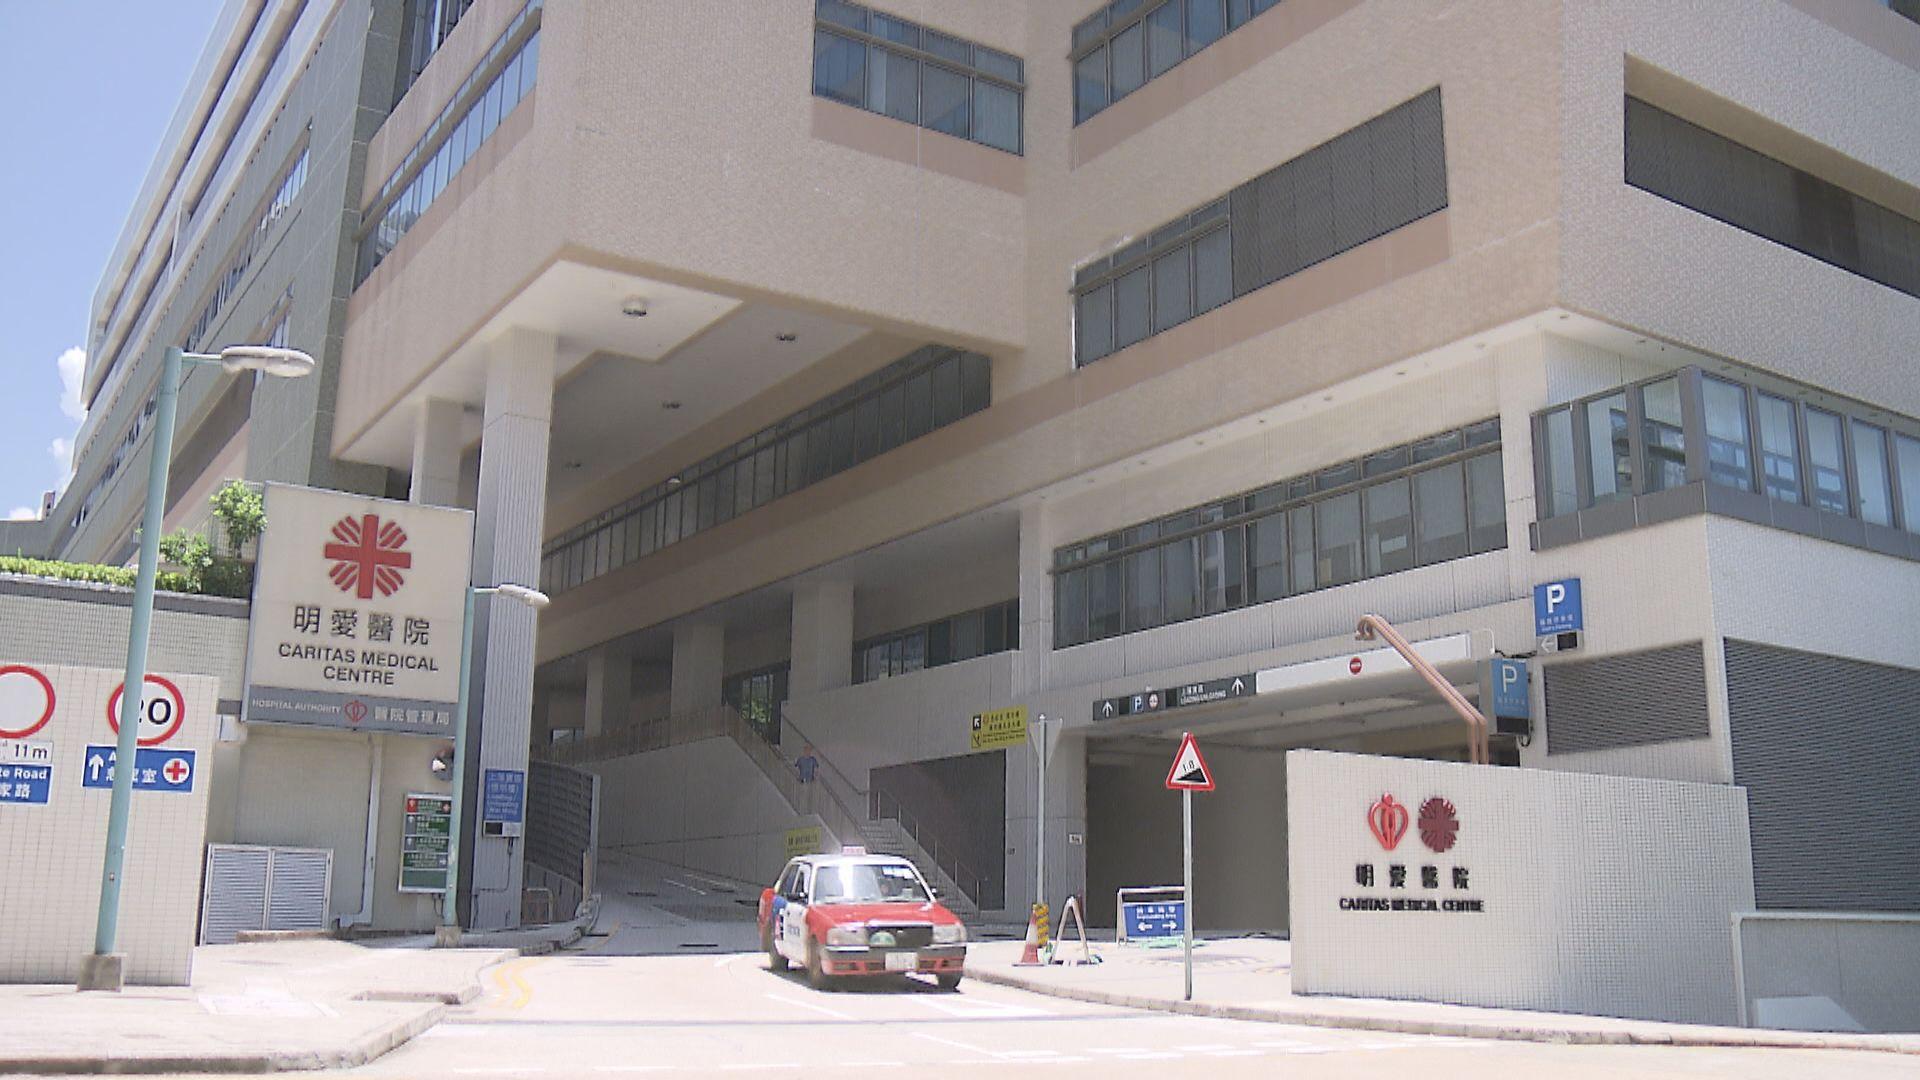 【最新】明愛醫院眼科中心水浸 上午服務暫停